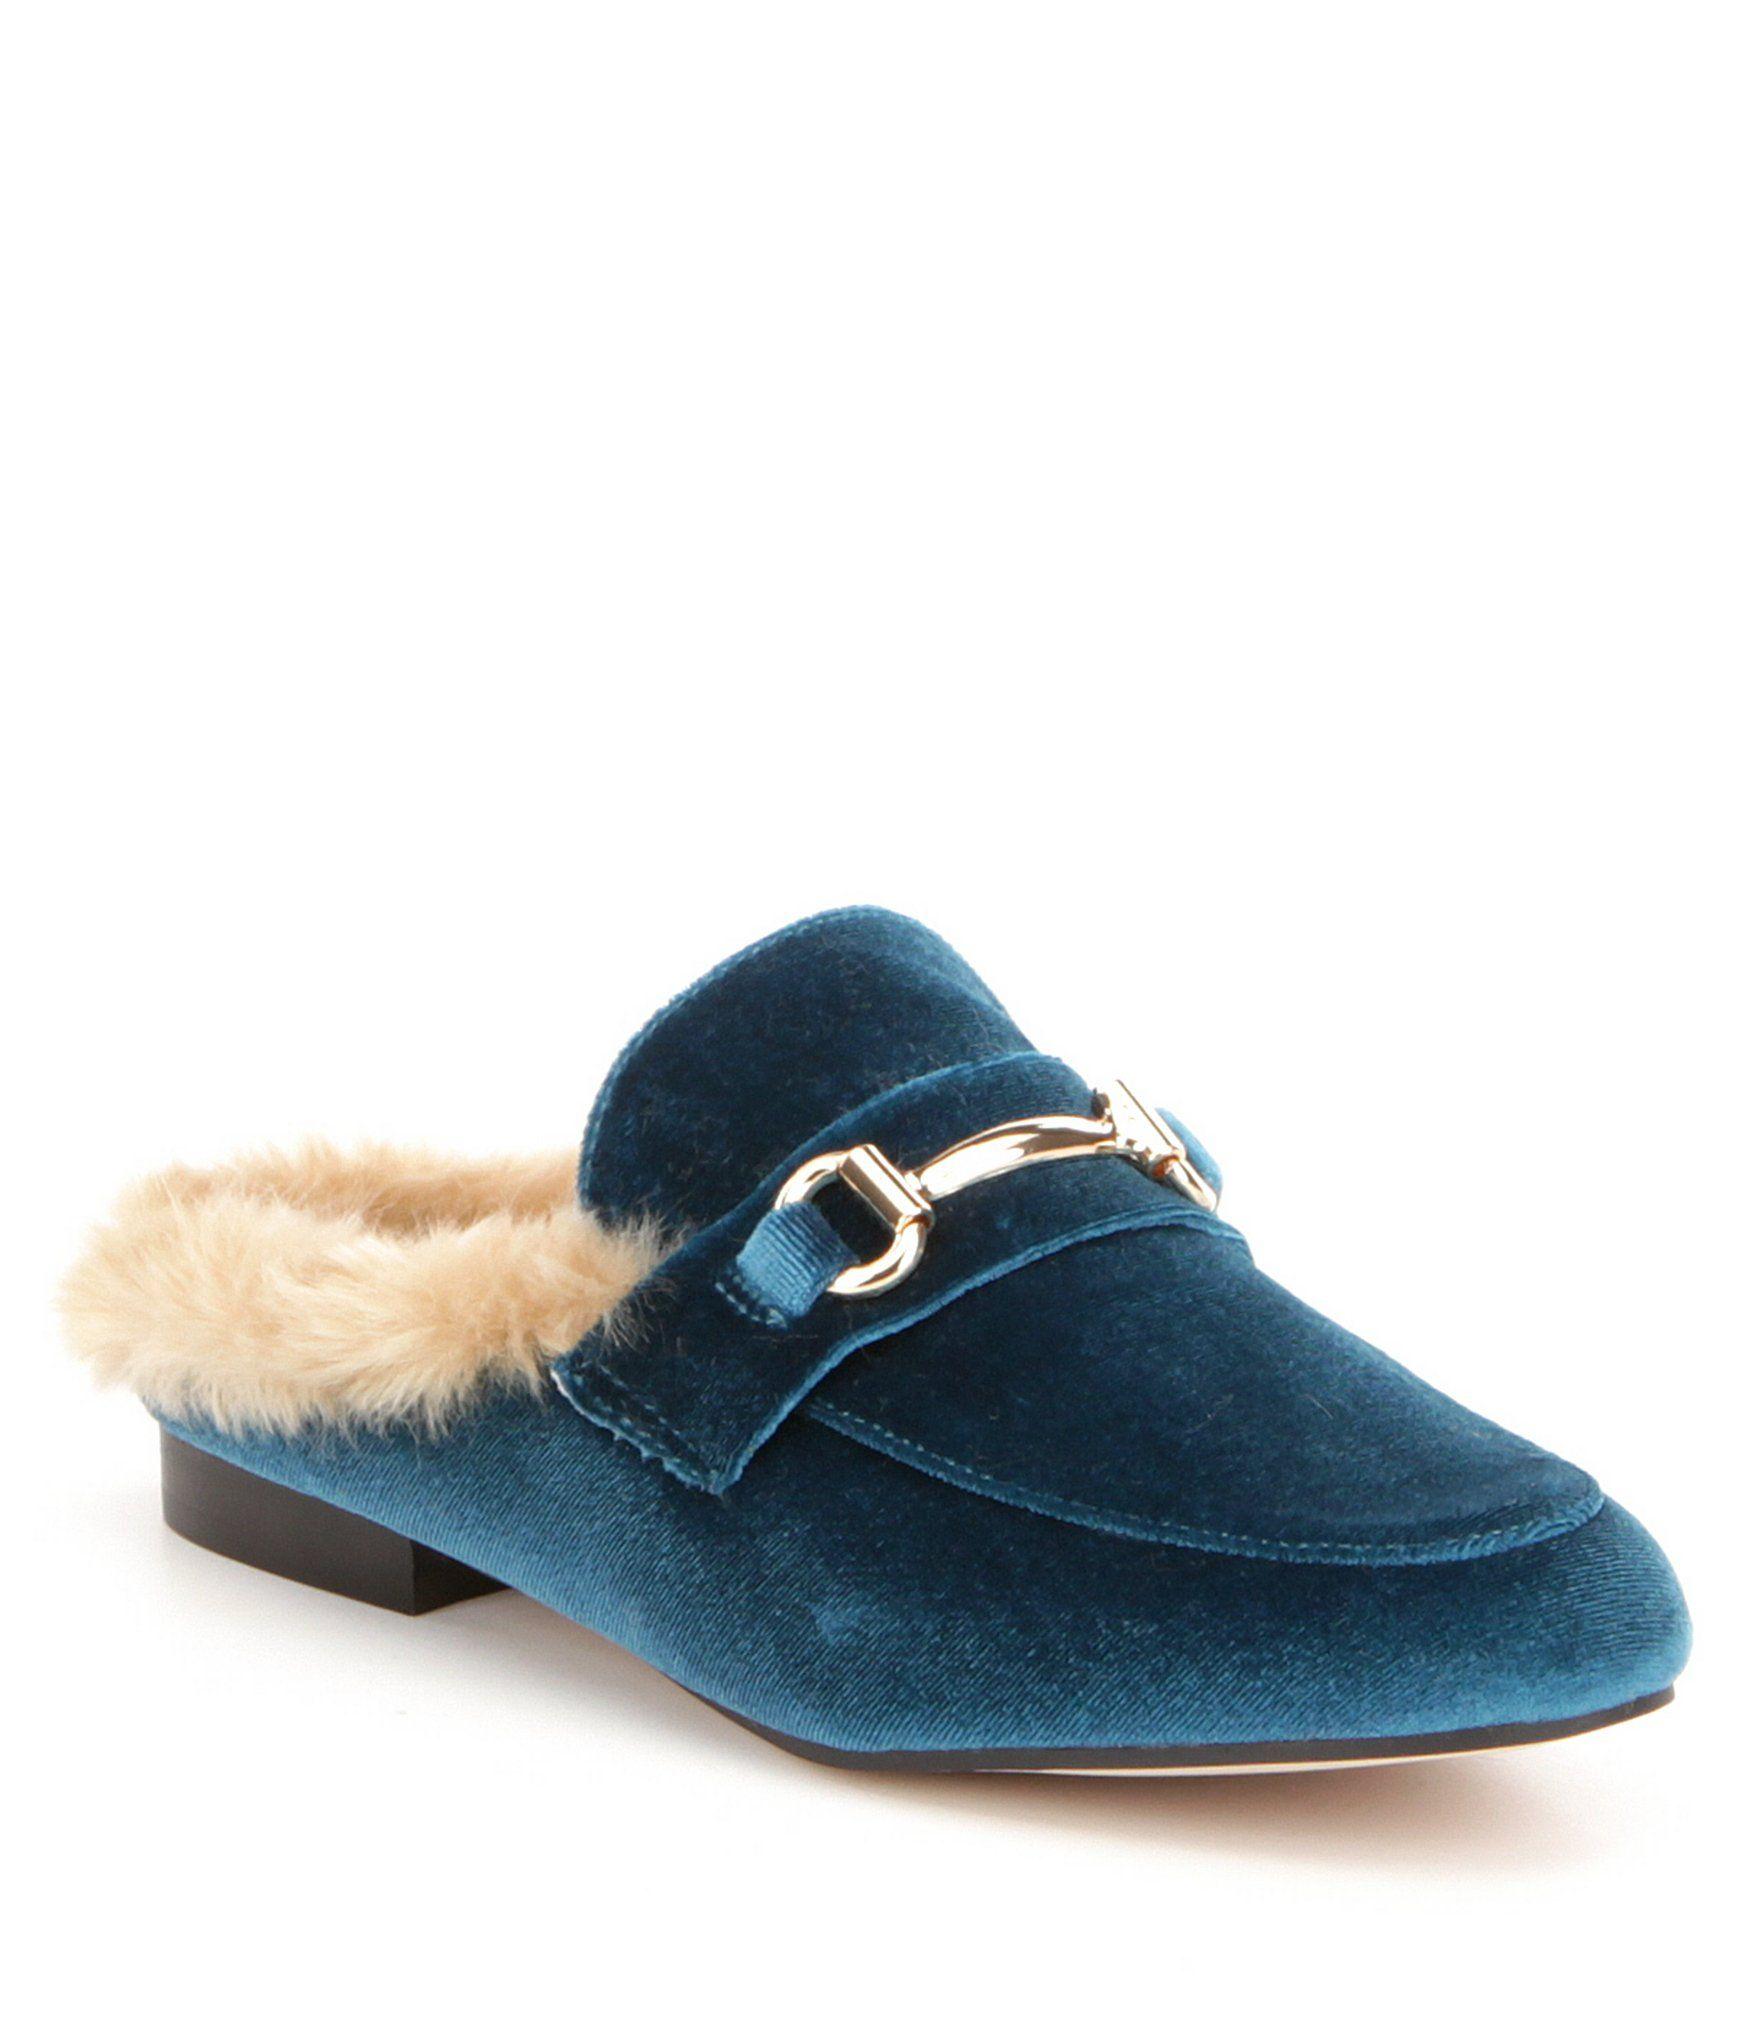 Steve Madden Jill Velvet Faux Fur Lined Slip On Dress Mules #Dillards